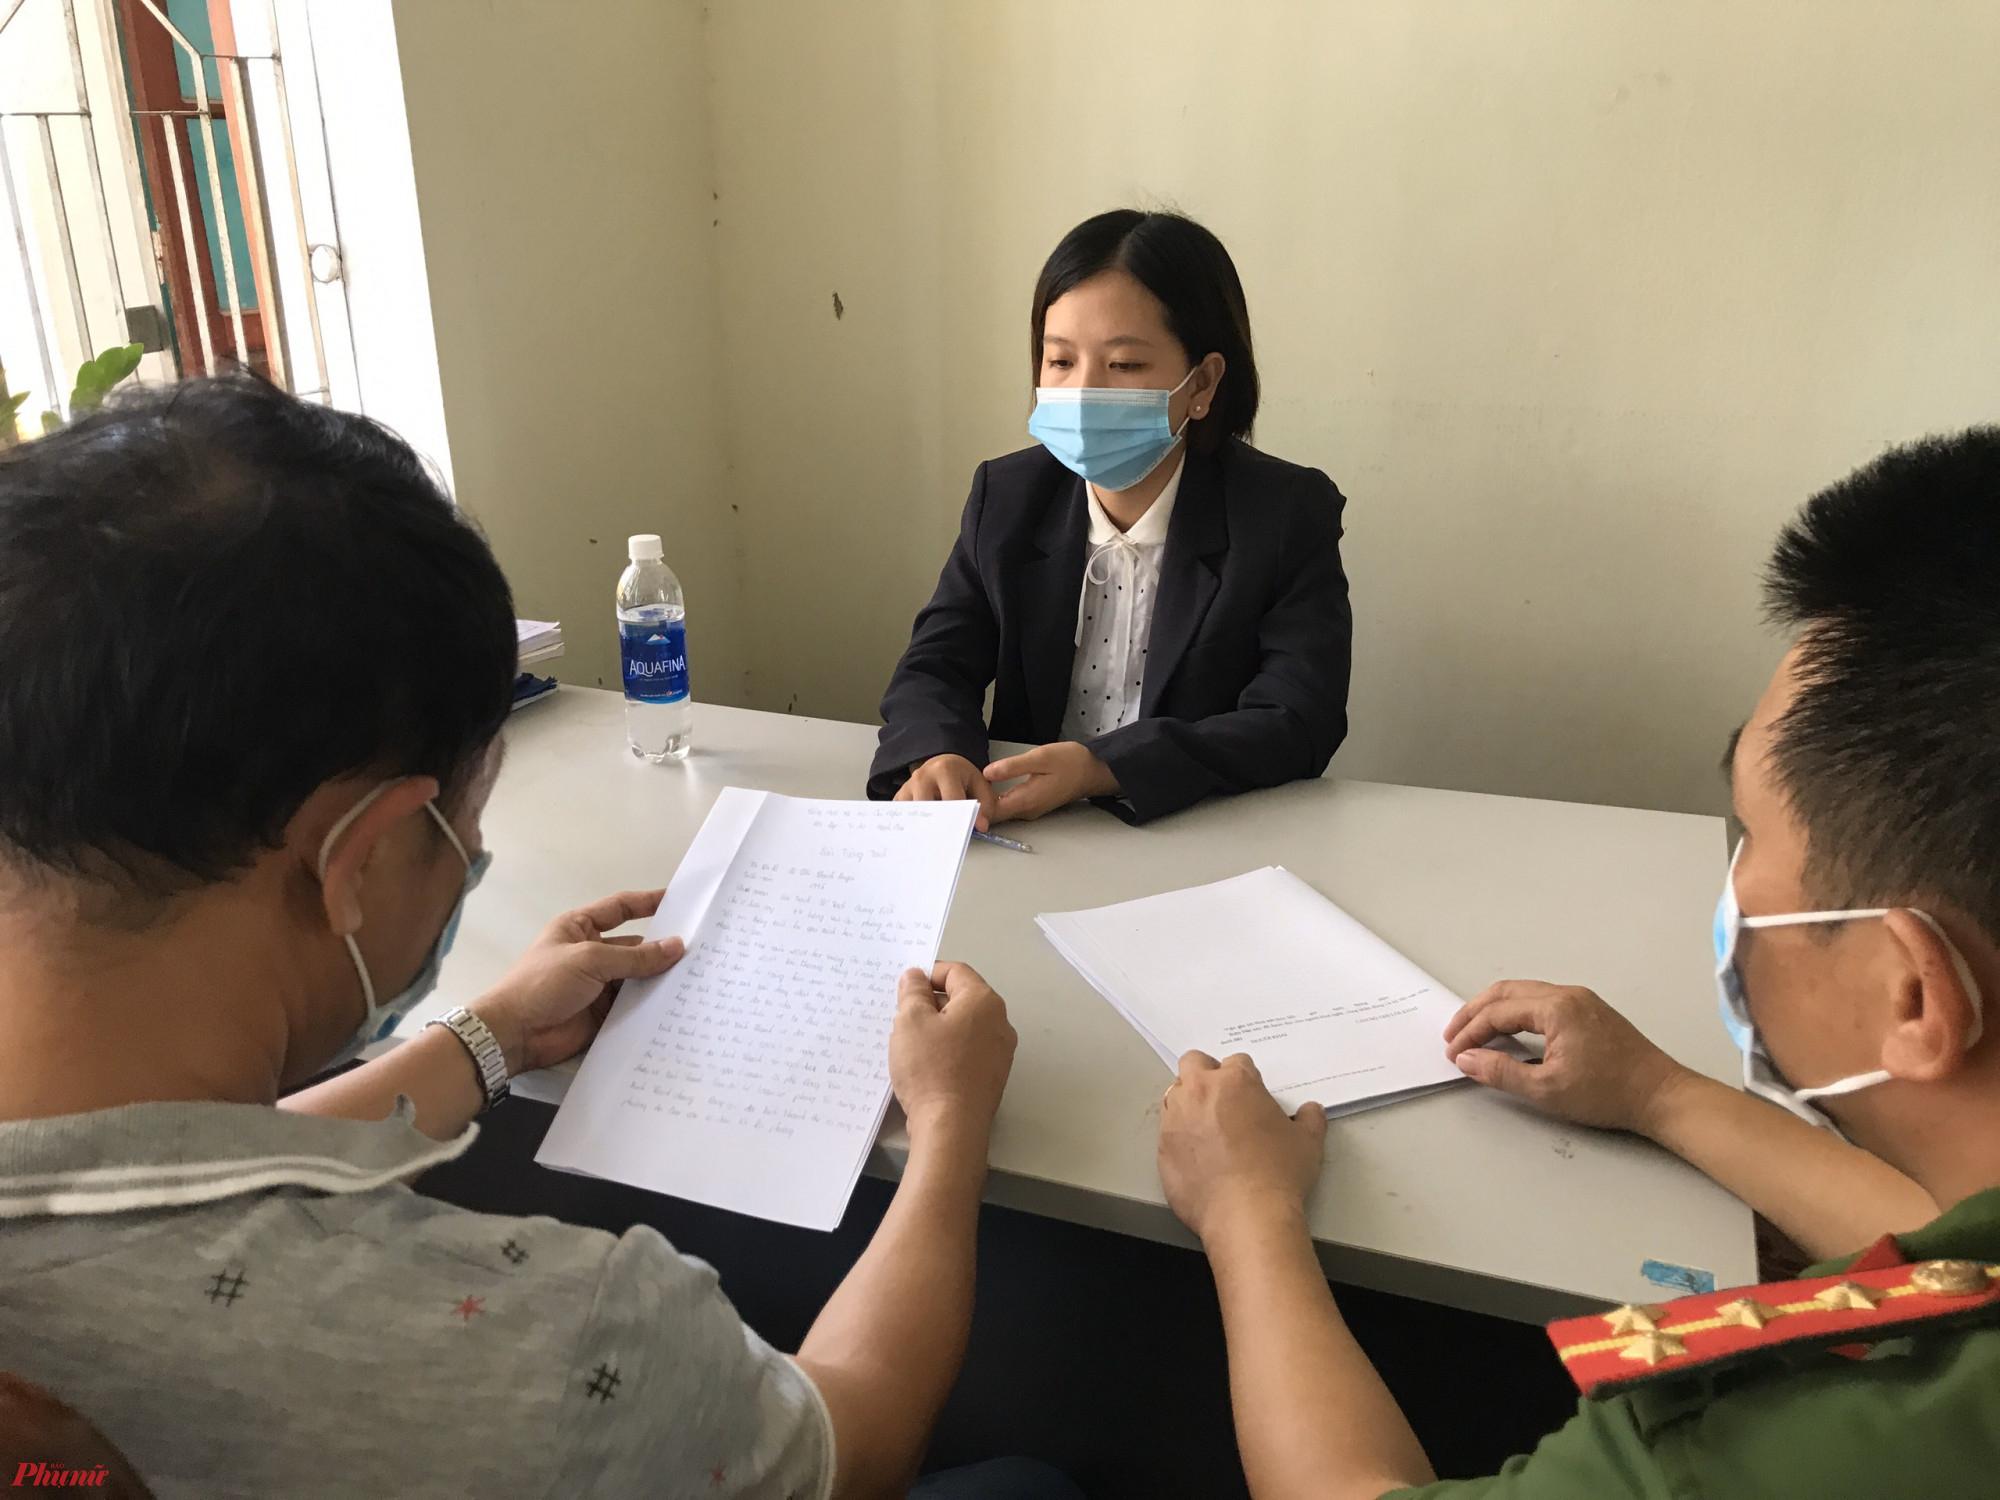 Lê Thị Khánh Huyền khai nhận, đối tượng nhắm đến người có hoàn cảnh éo le, bệnh tật, bế tắc để truyền đạo